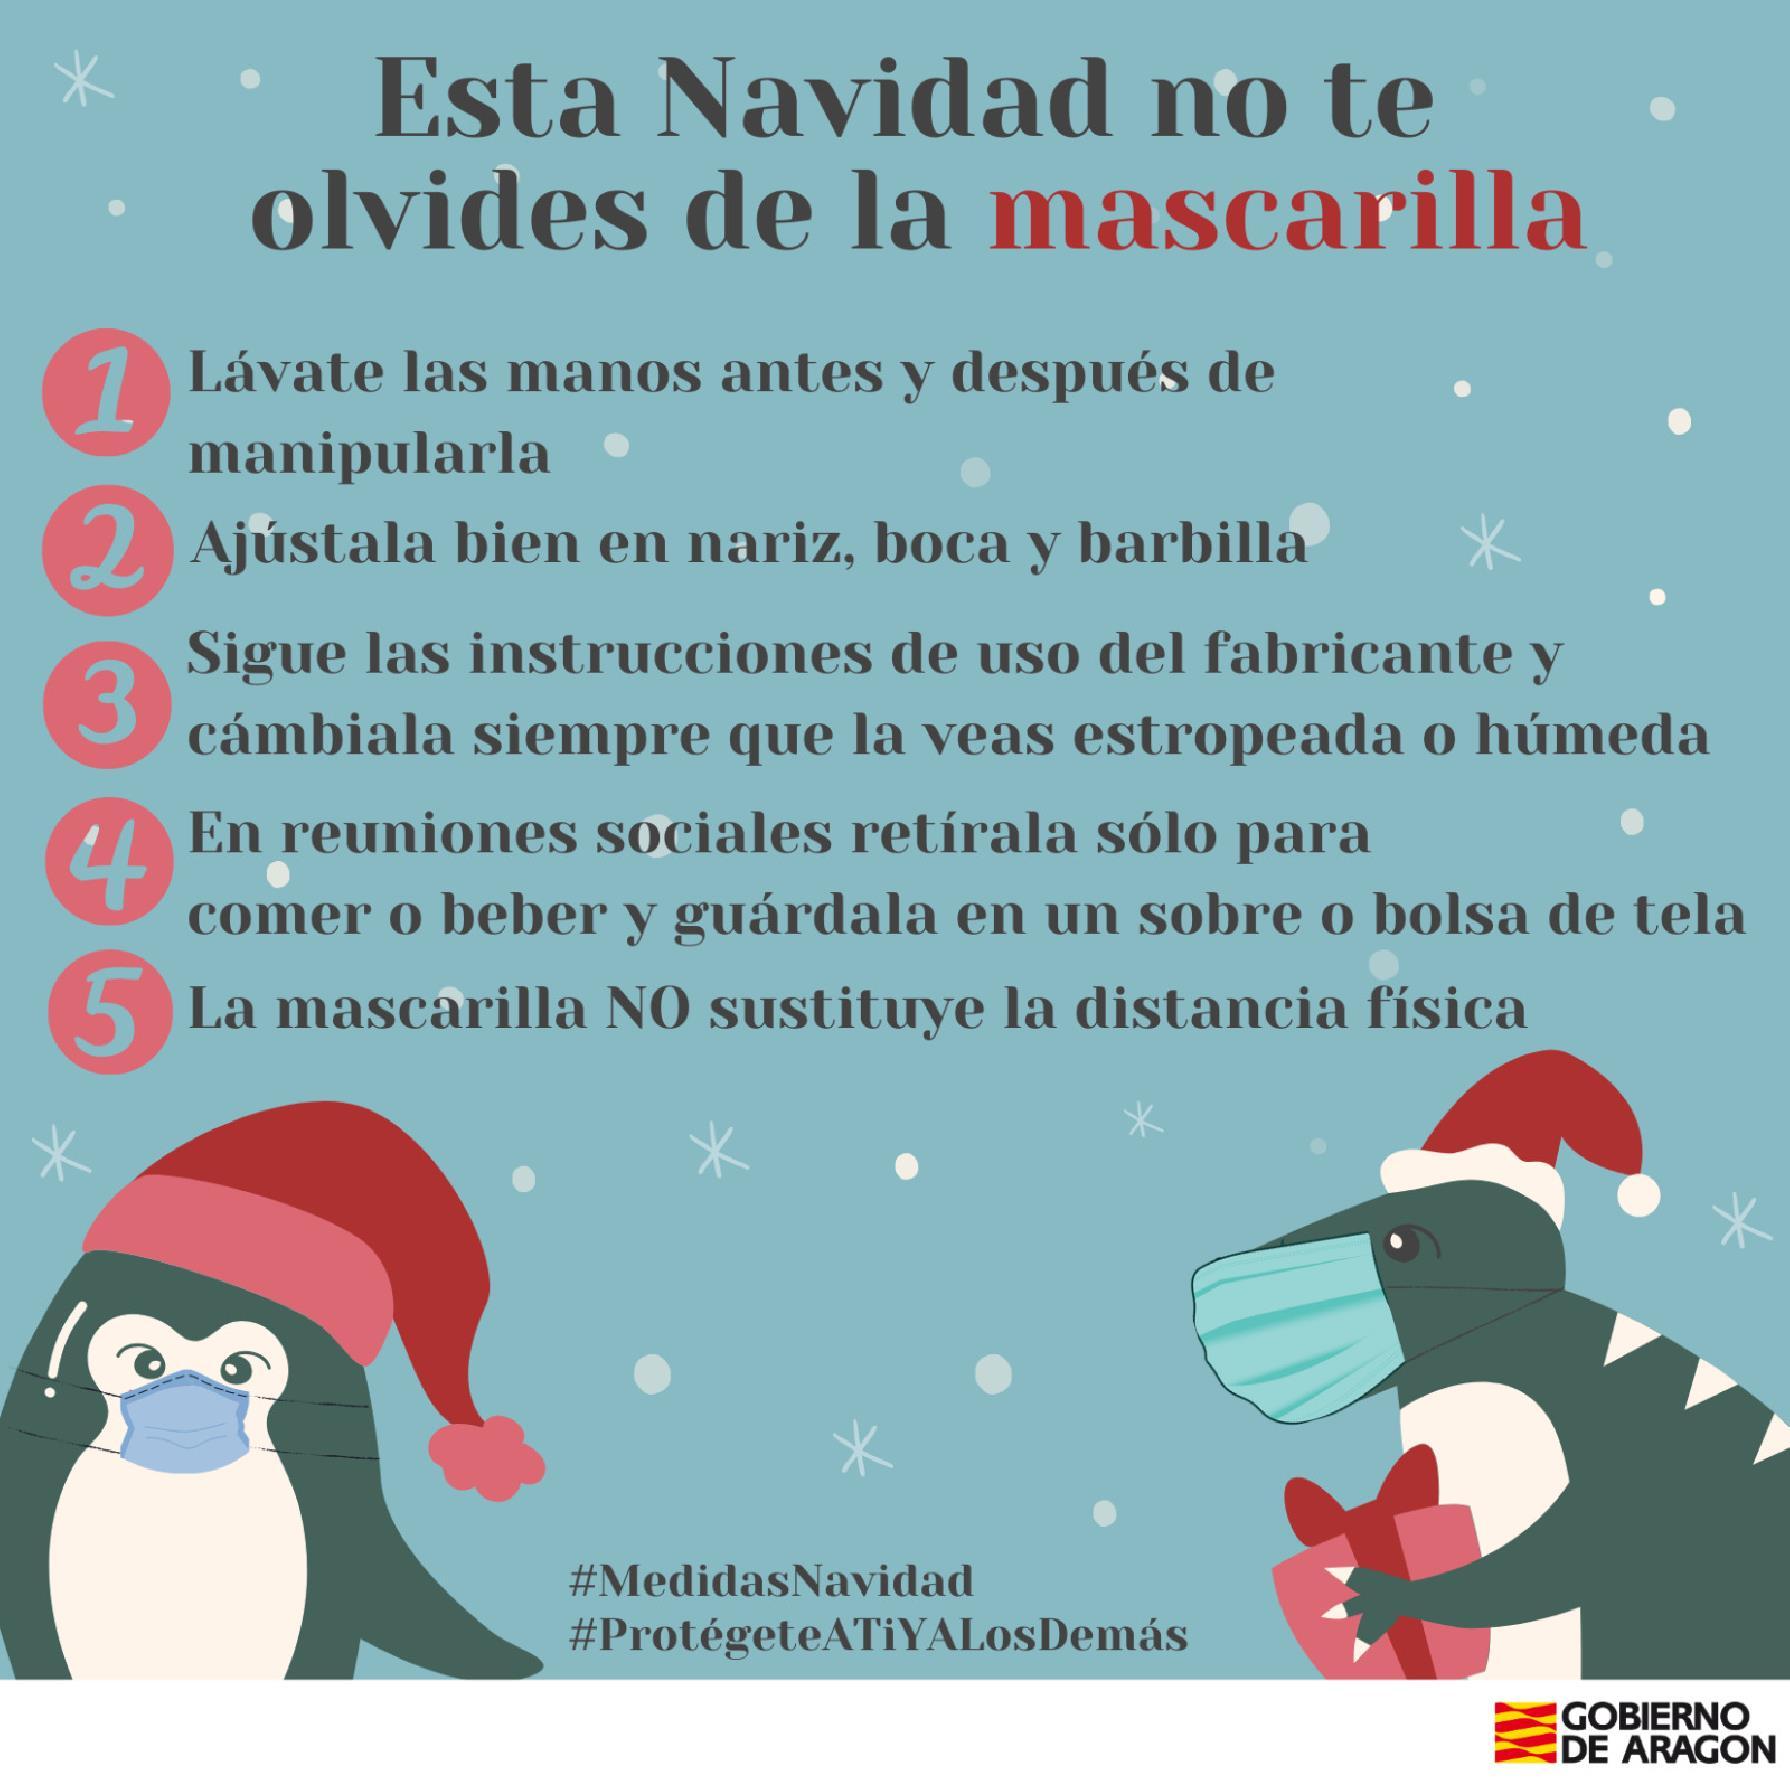 Mascarilla-en-NAvidad